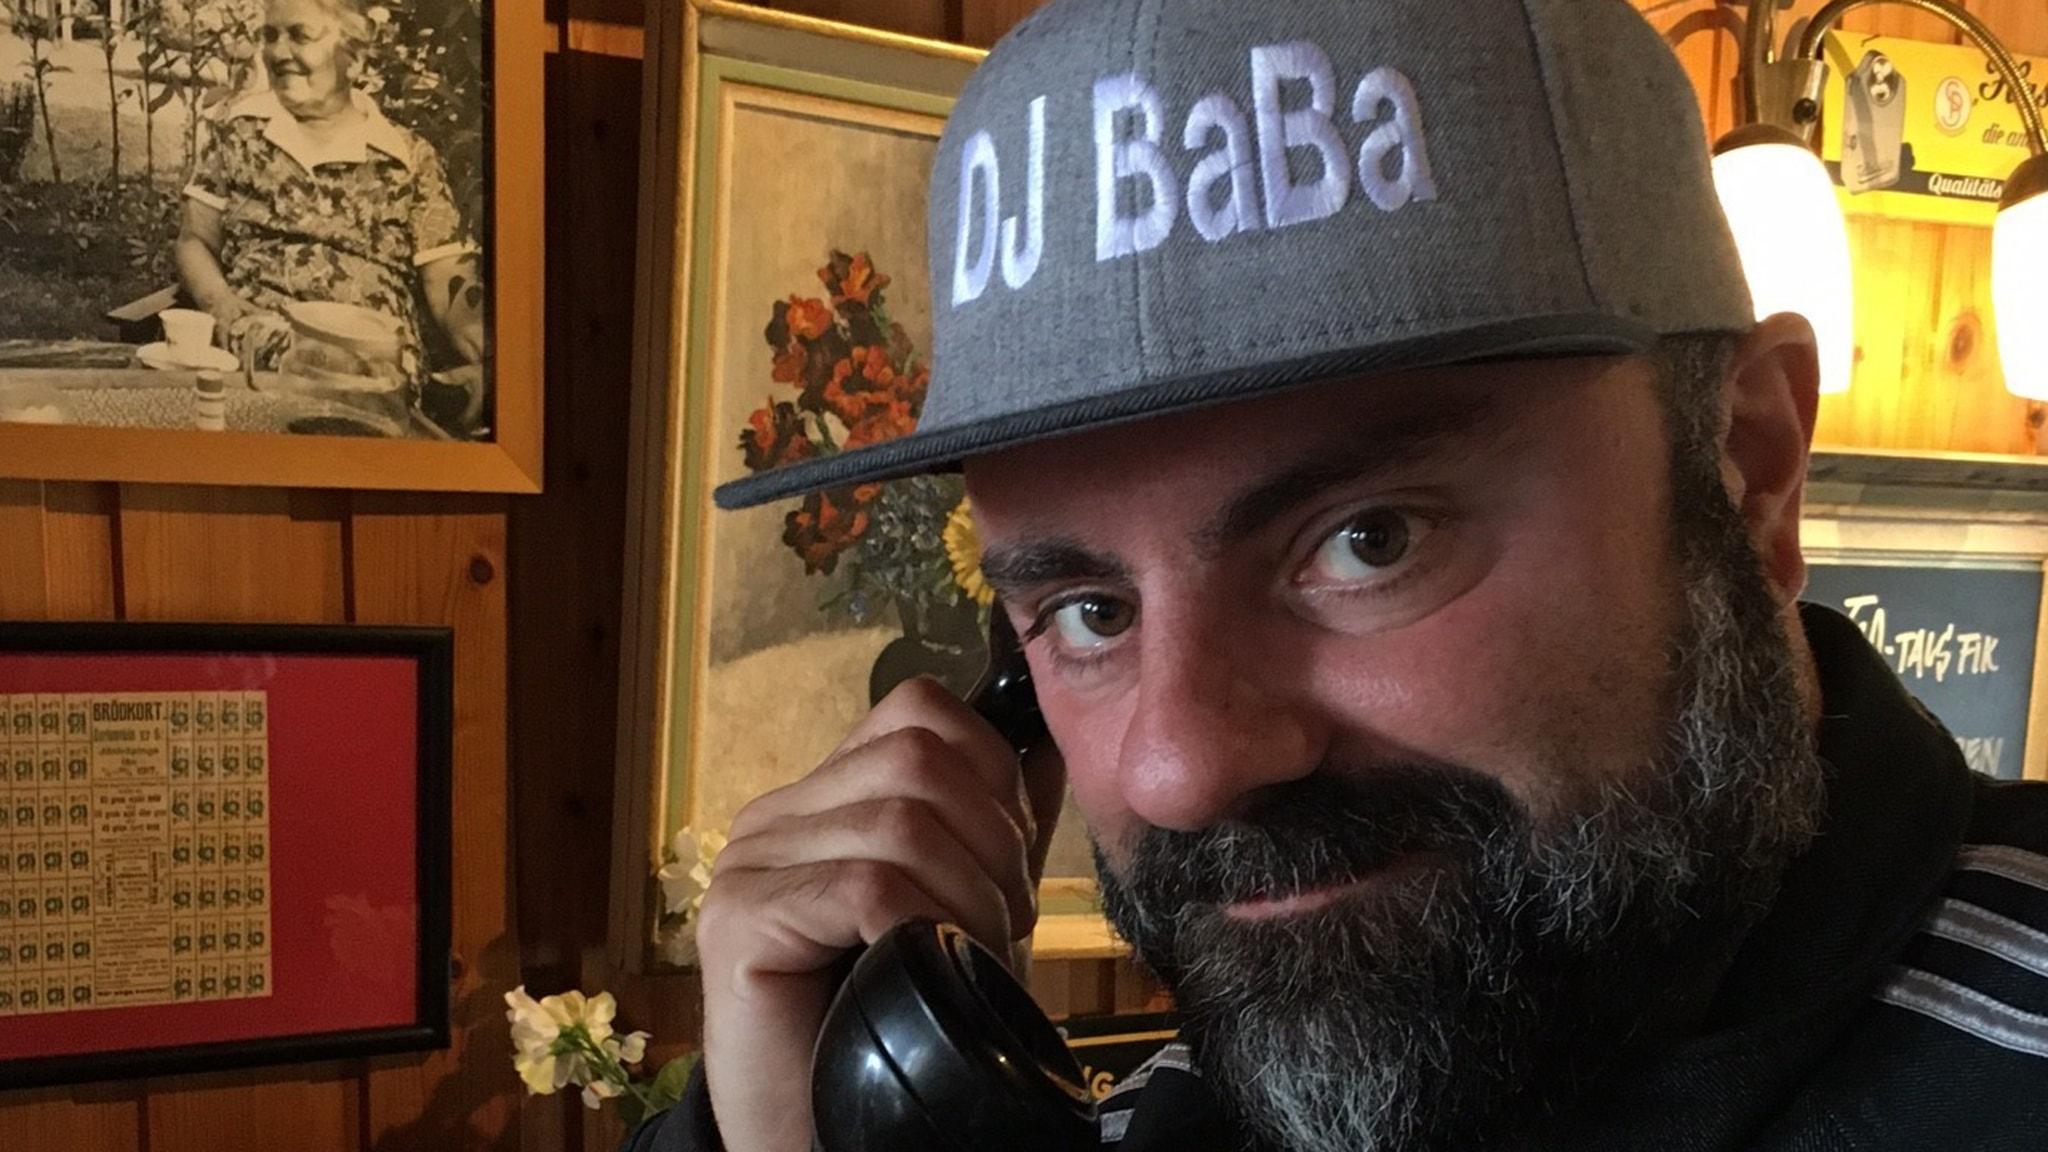 Kokheta rytmer och mycket dans när Teddy DJ Baba Paunkoski gästar Klingan